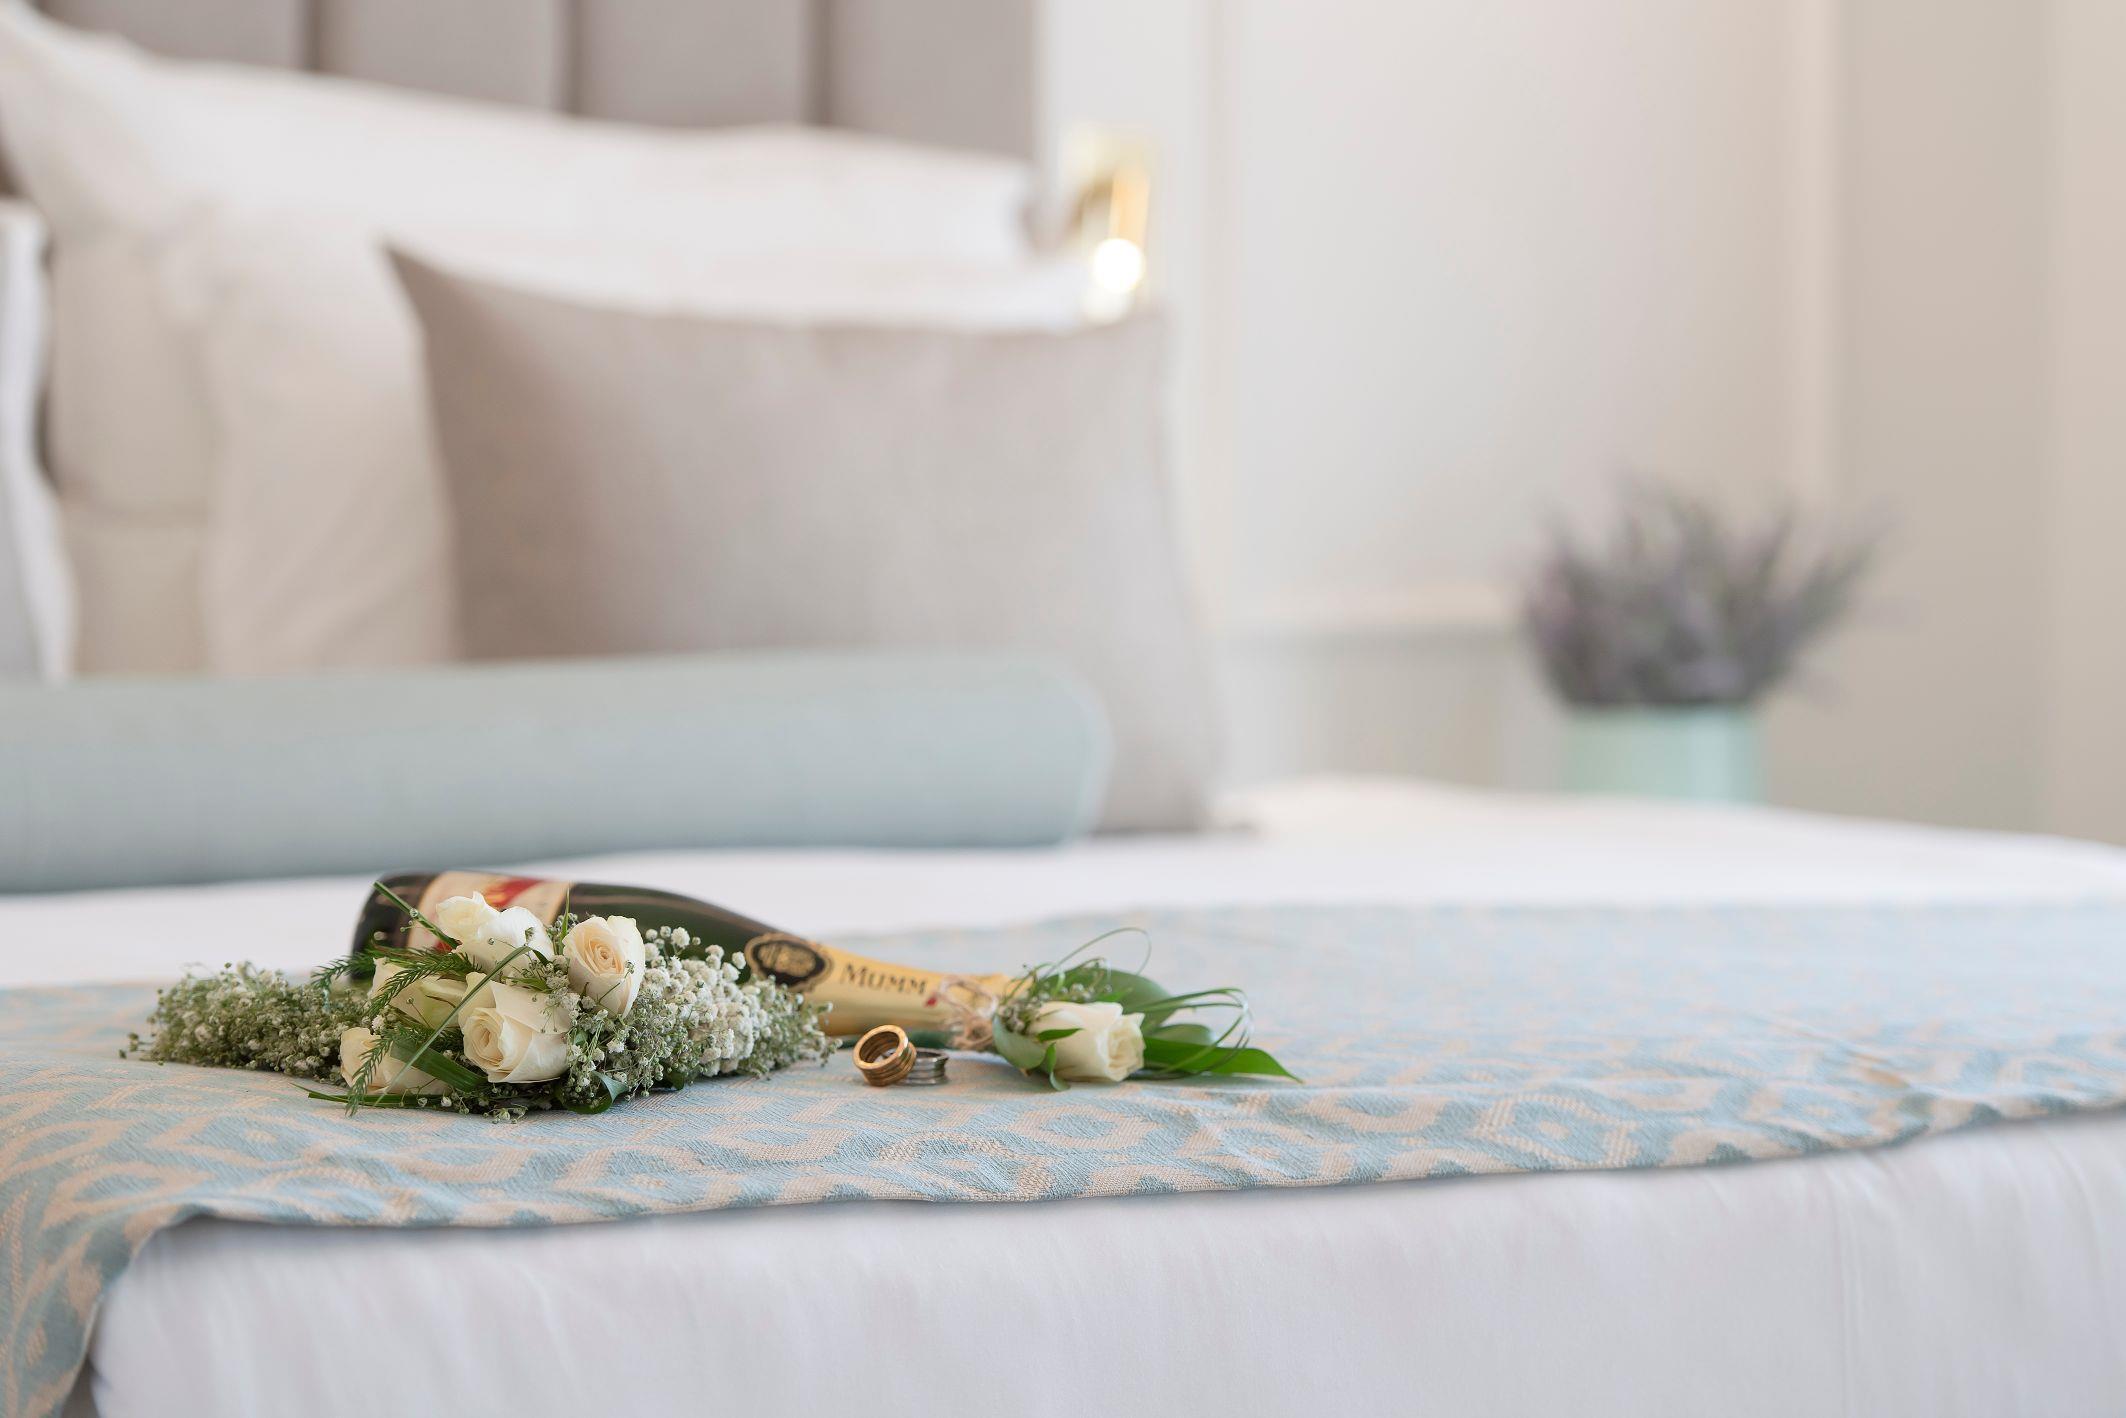 http://www.orextravel.sk/OREX/hotelphotos/miramare-queen-hotel-general-0021.jpg